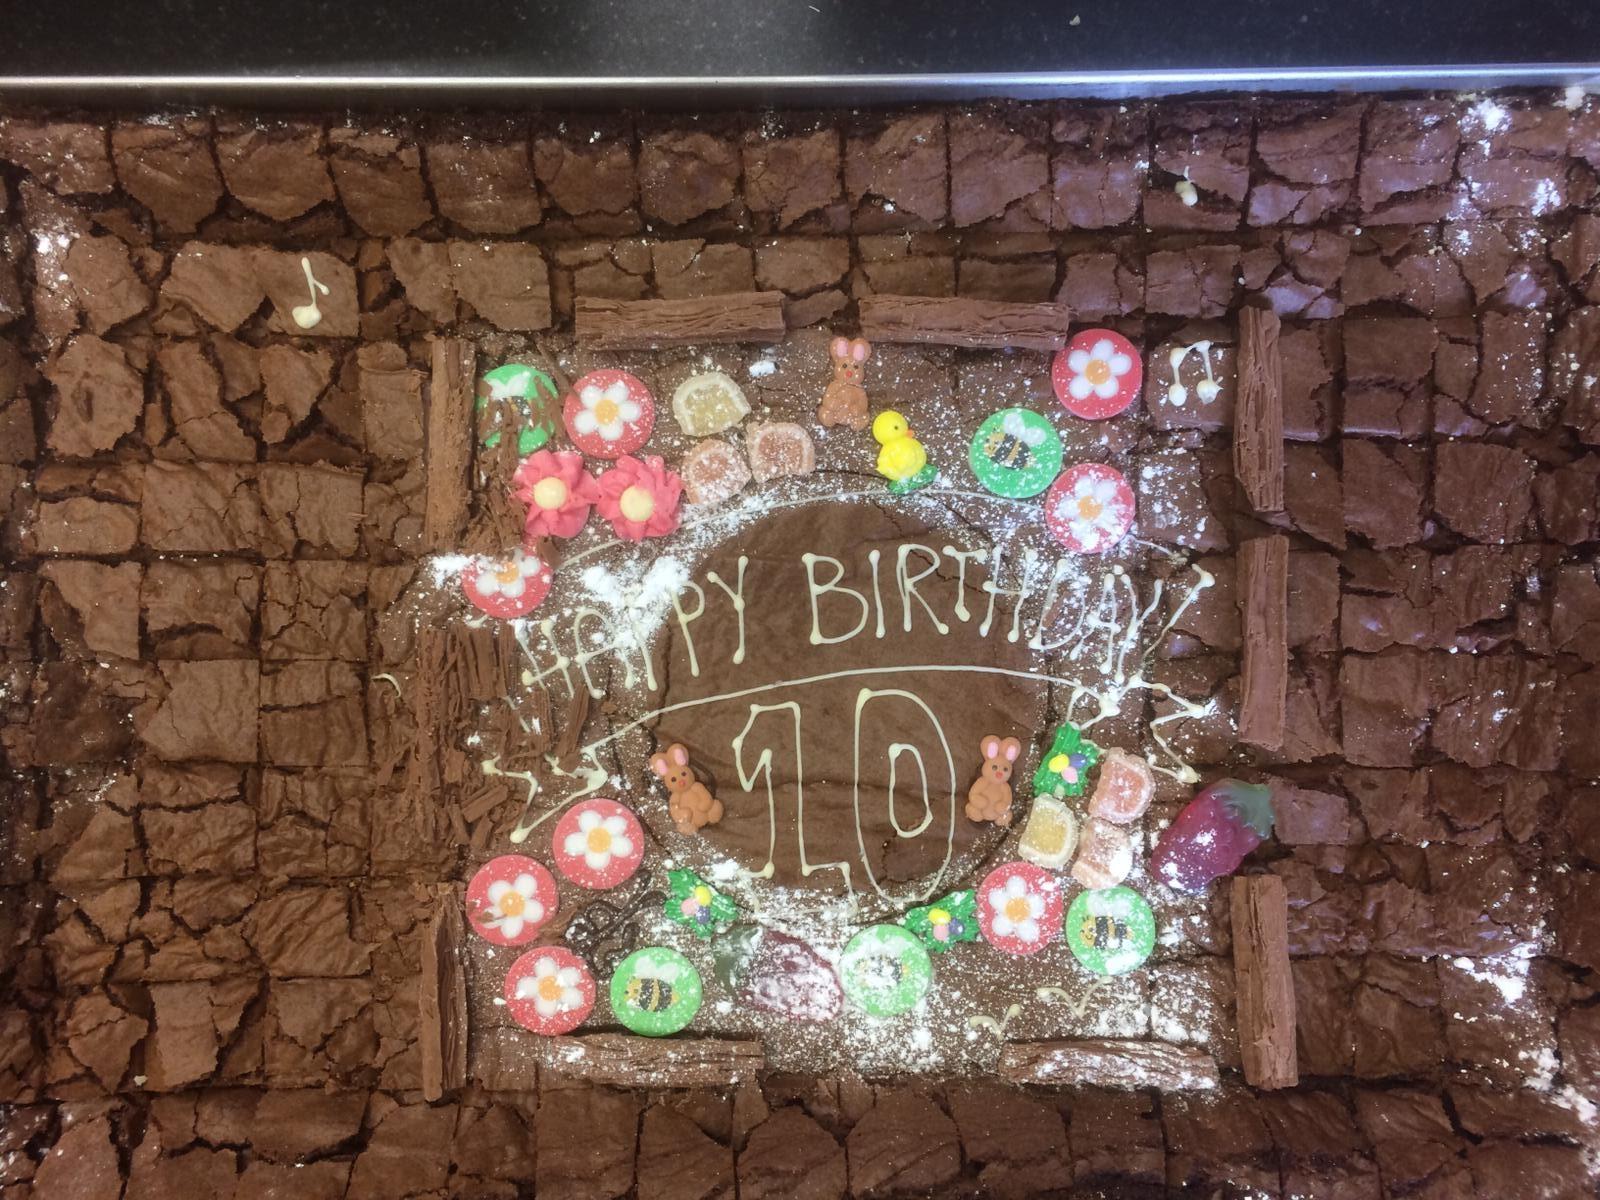 HX 10 year birthday cake from Corner Bakery